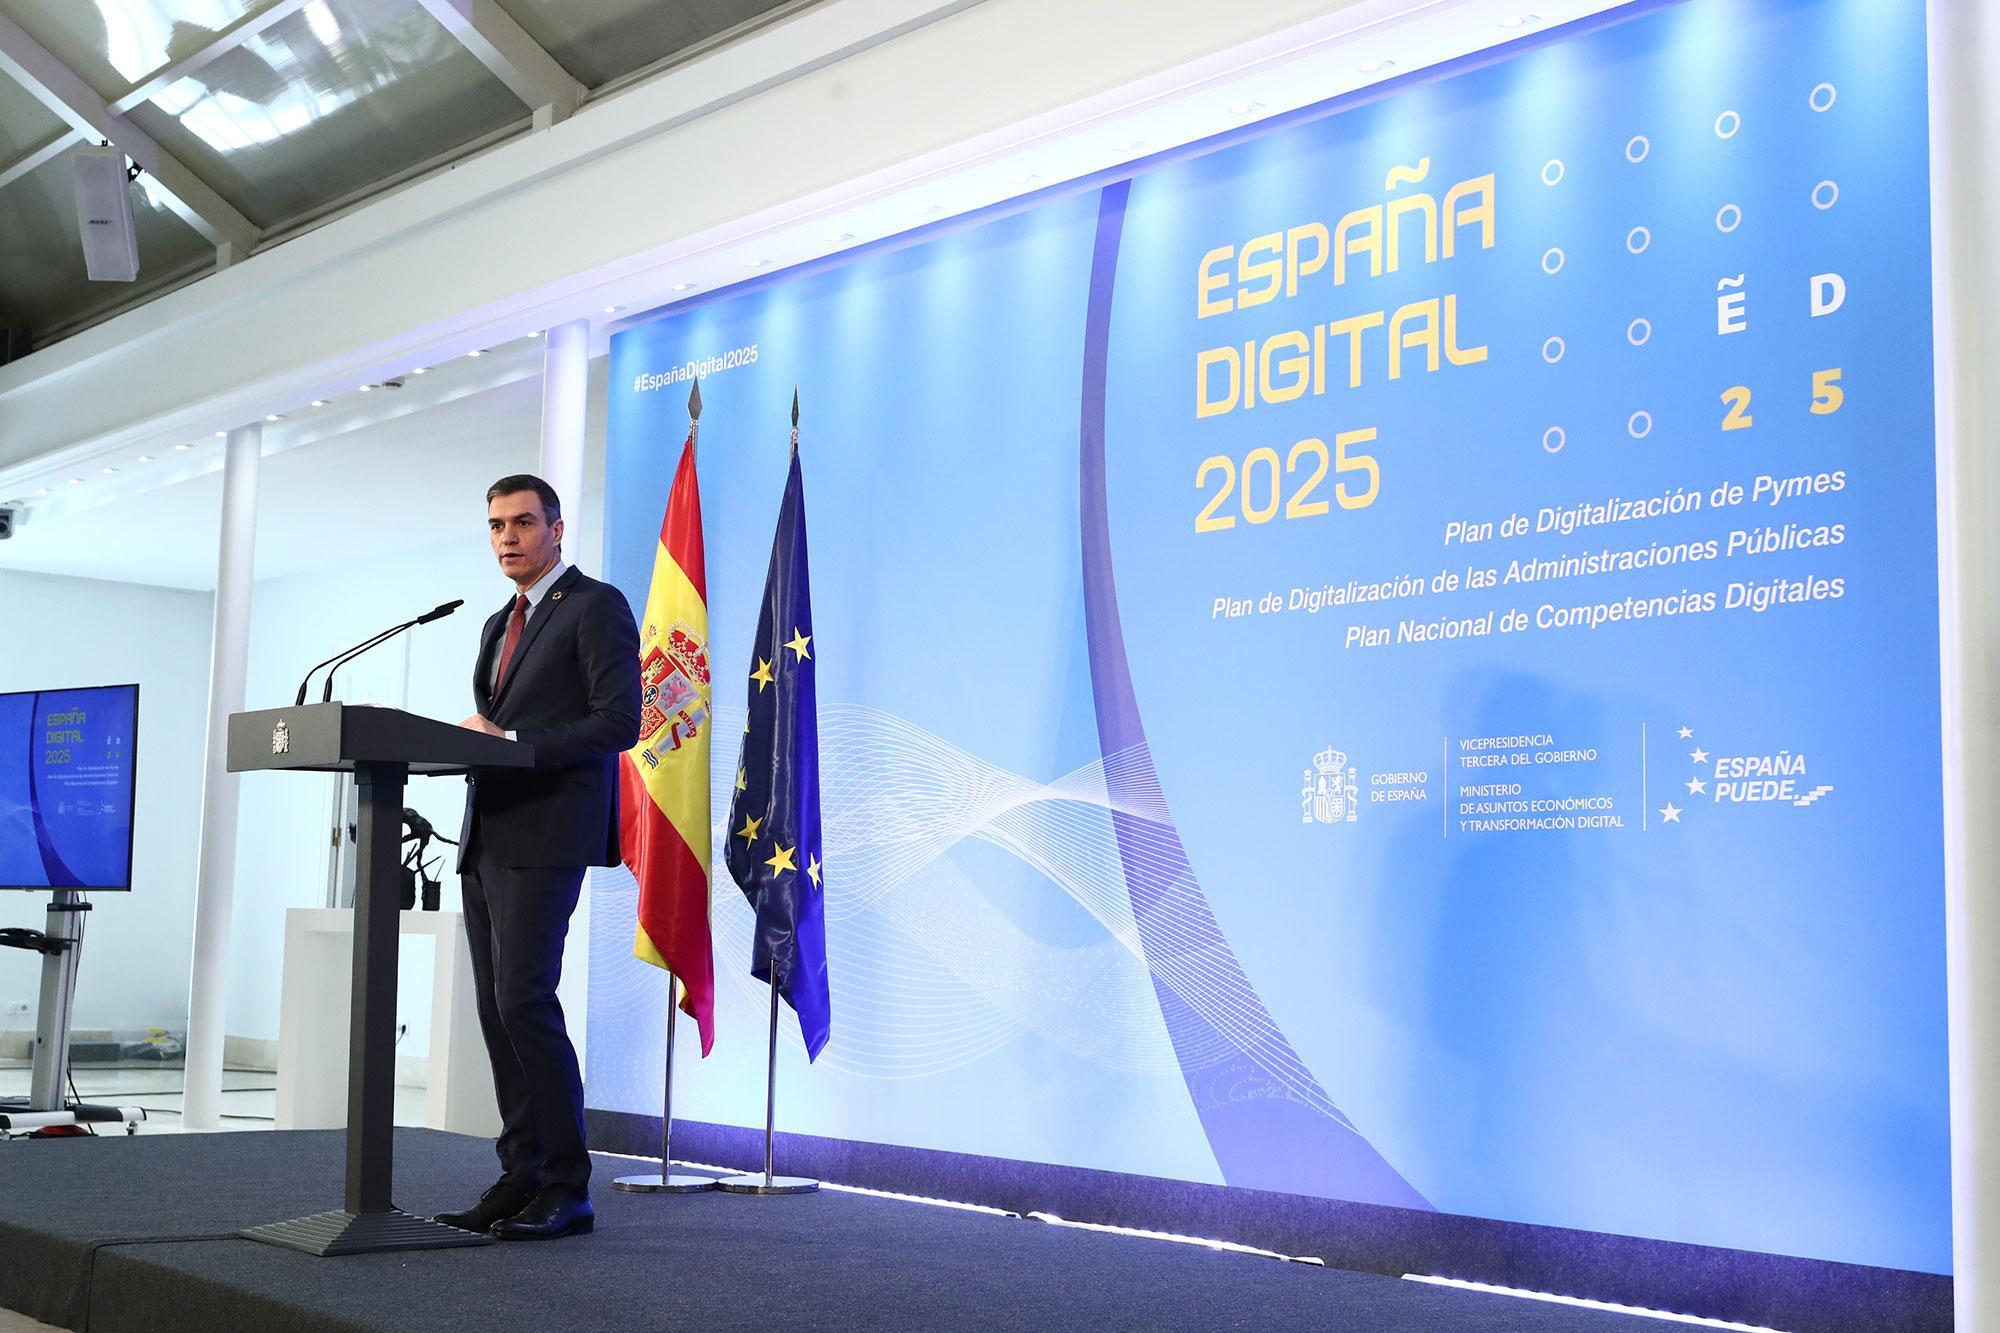 El primer ministro Pedro Sánchez durante su discurso